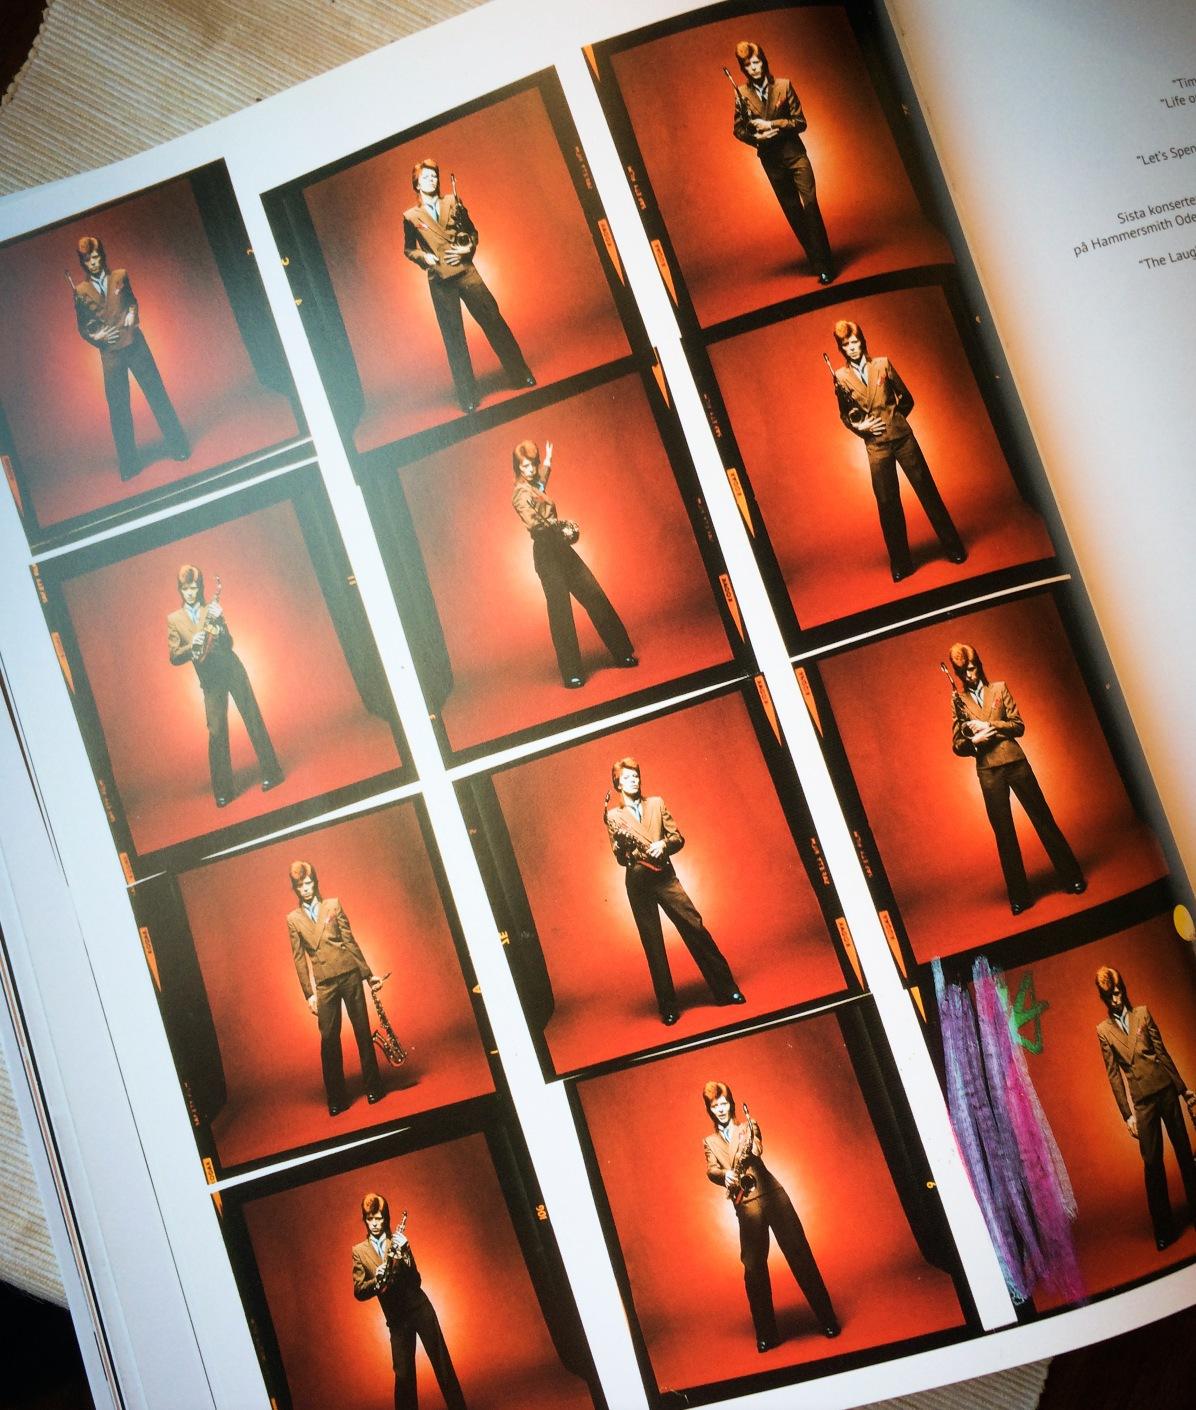 David Bowie betydde mycket för musiken men även för modett tolkningar